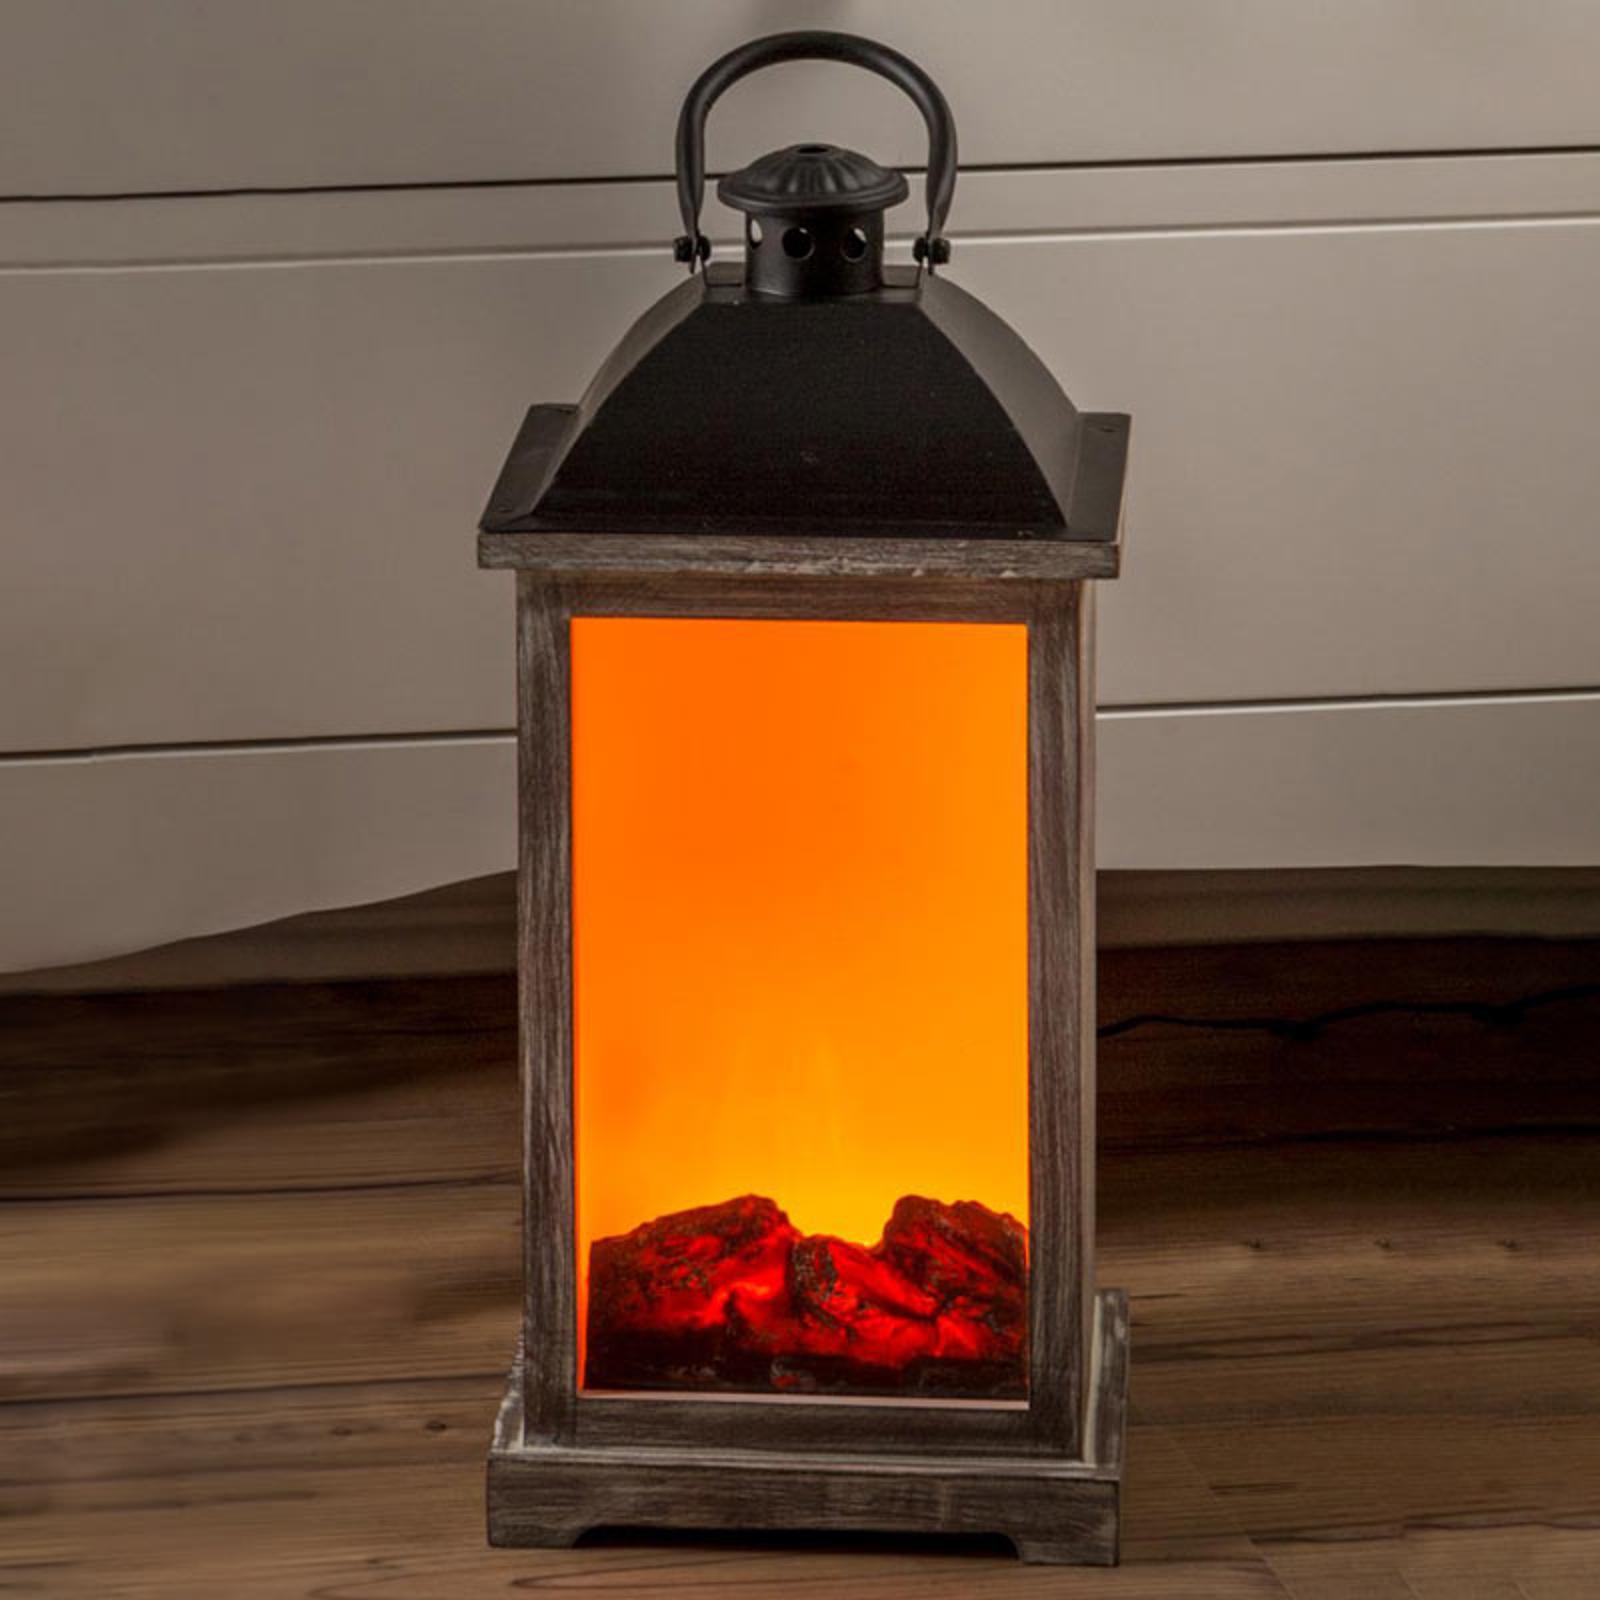 Lanterne bois effet cheminée LED, transformateur